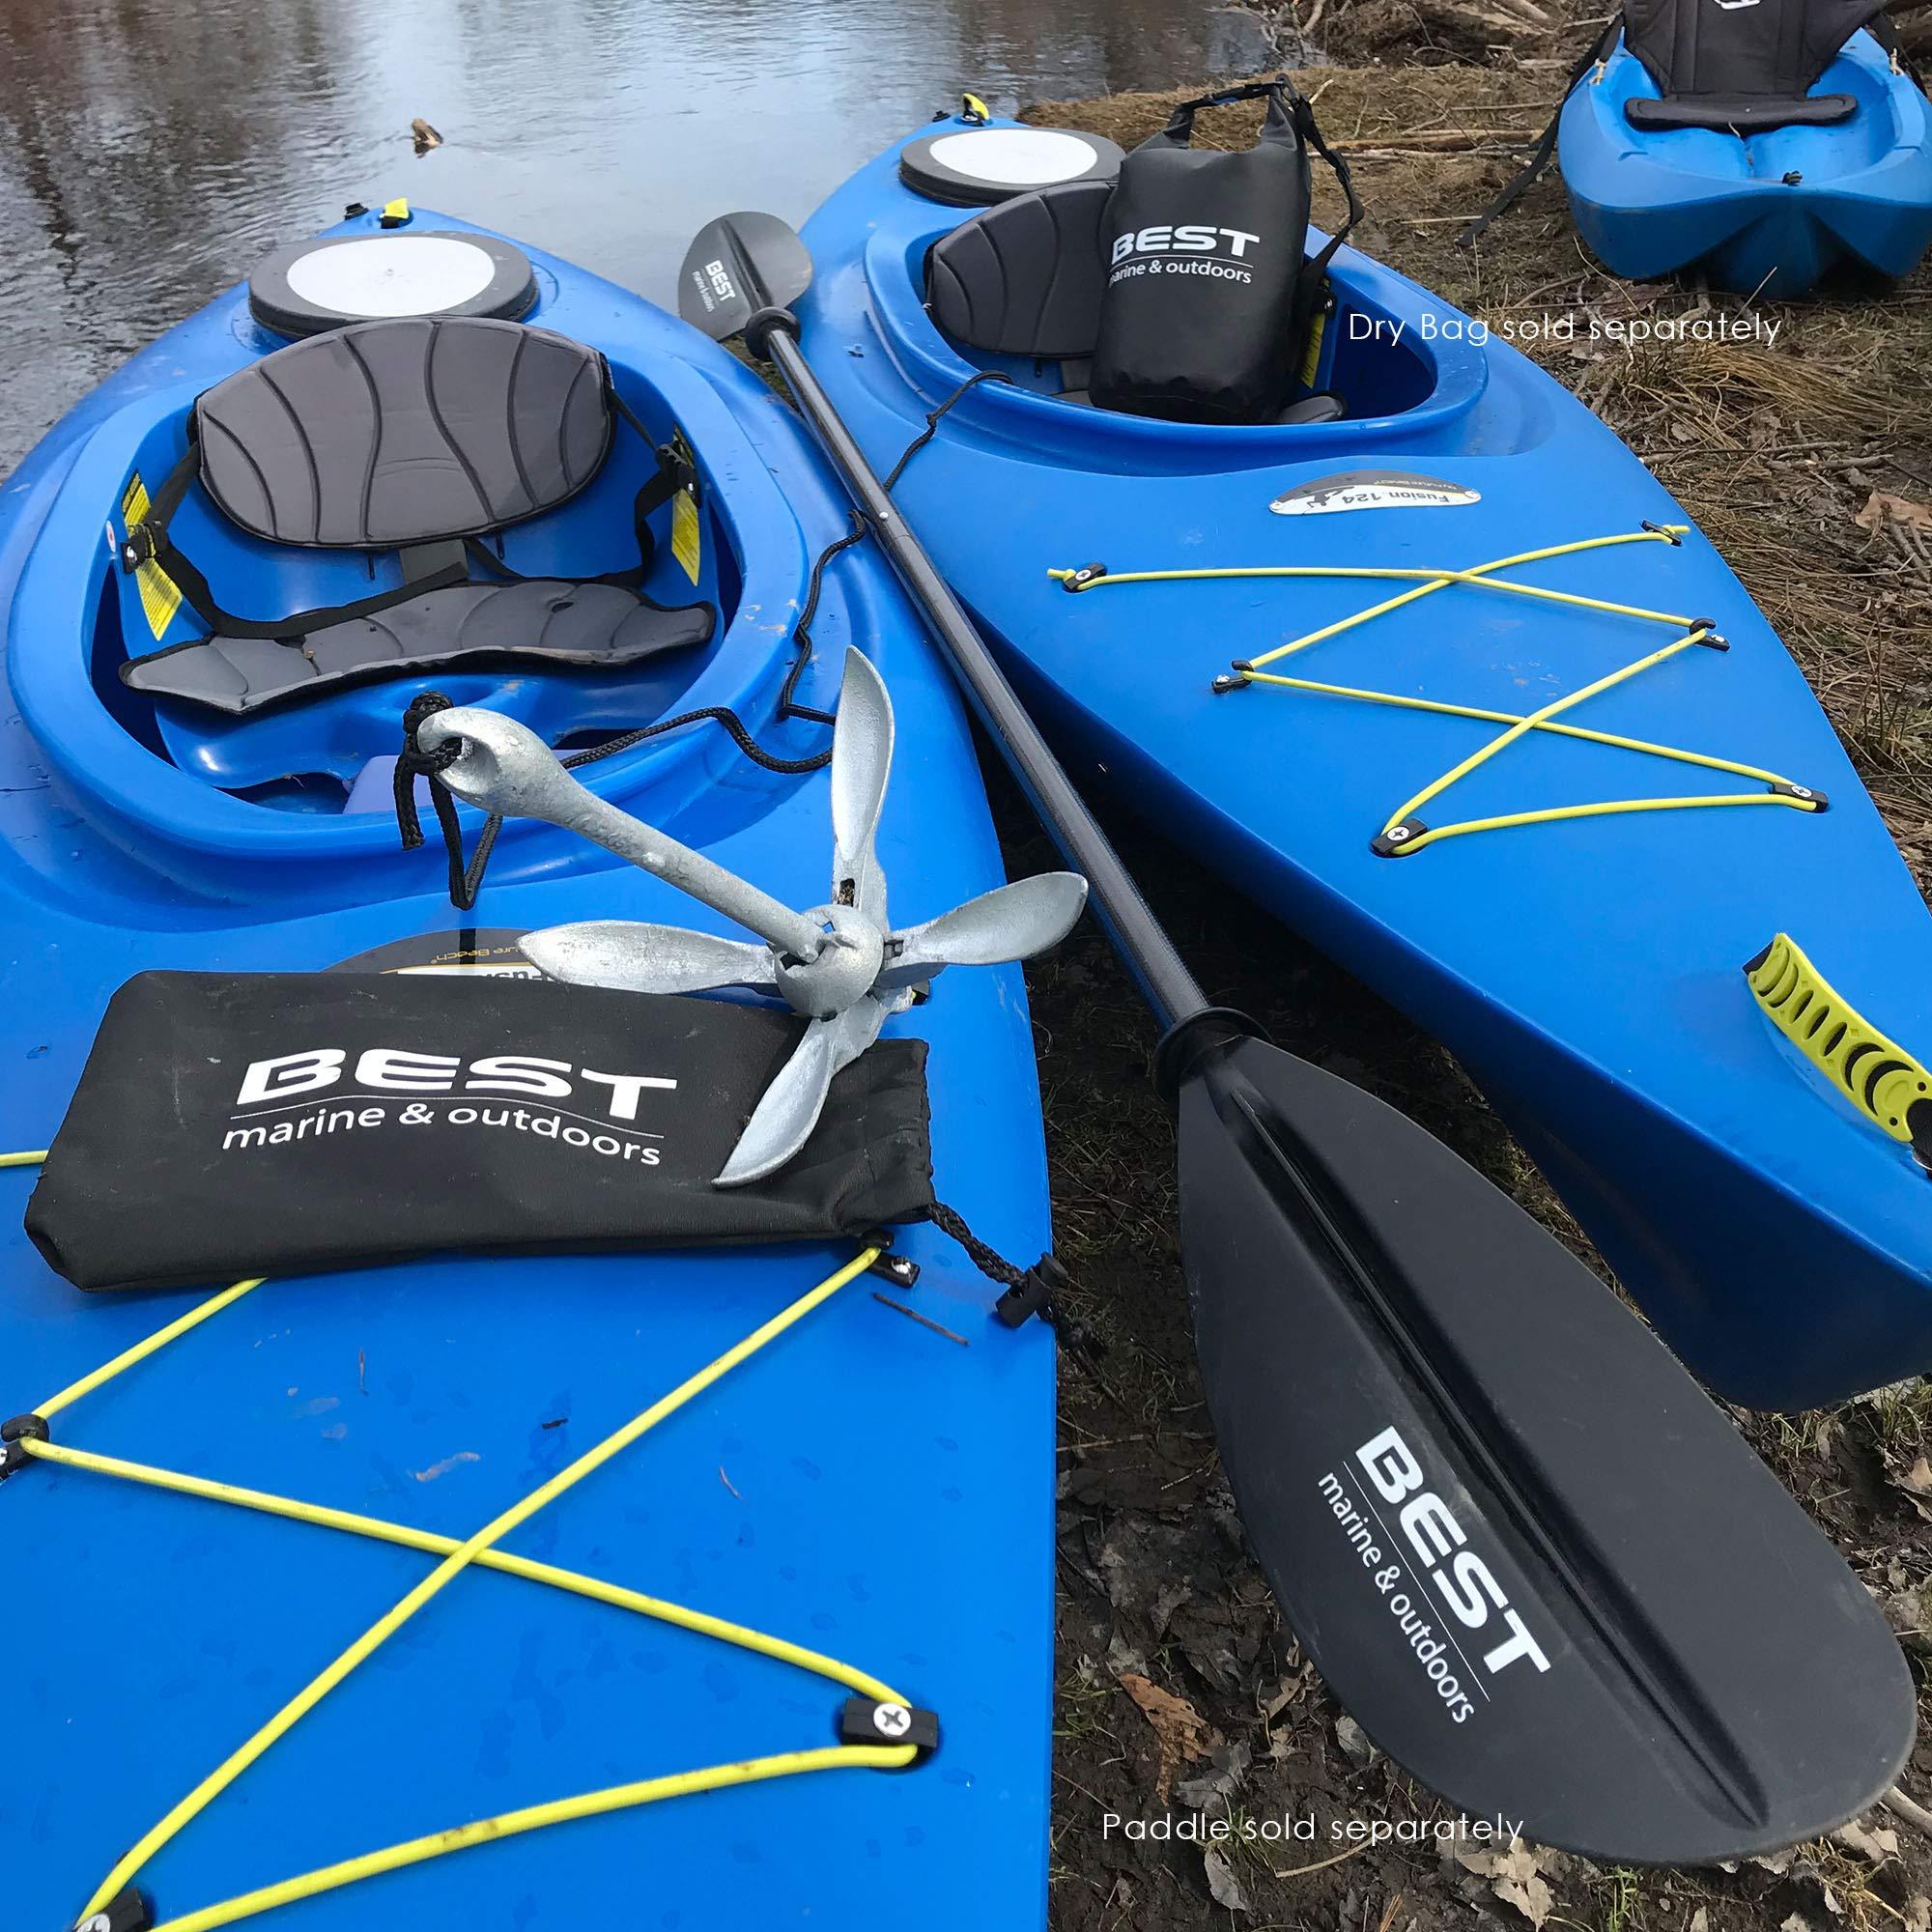 Kayak Anchor Kayak Fishing Canoe Motorboat SUP Paddle Board Small Boat Anchor